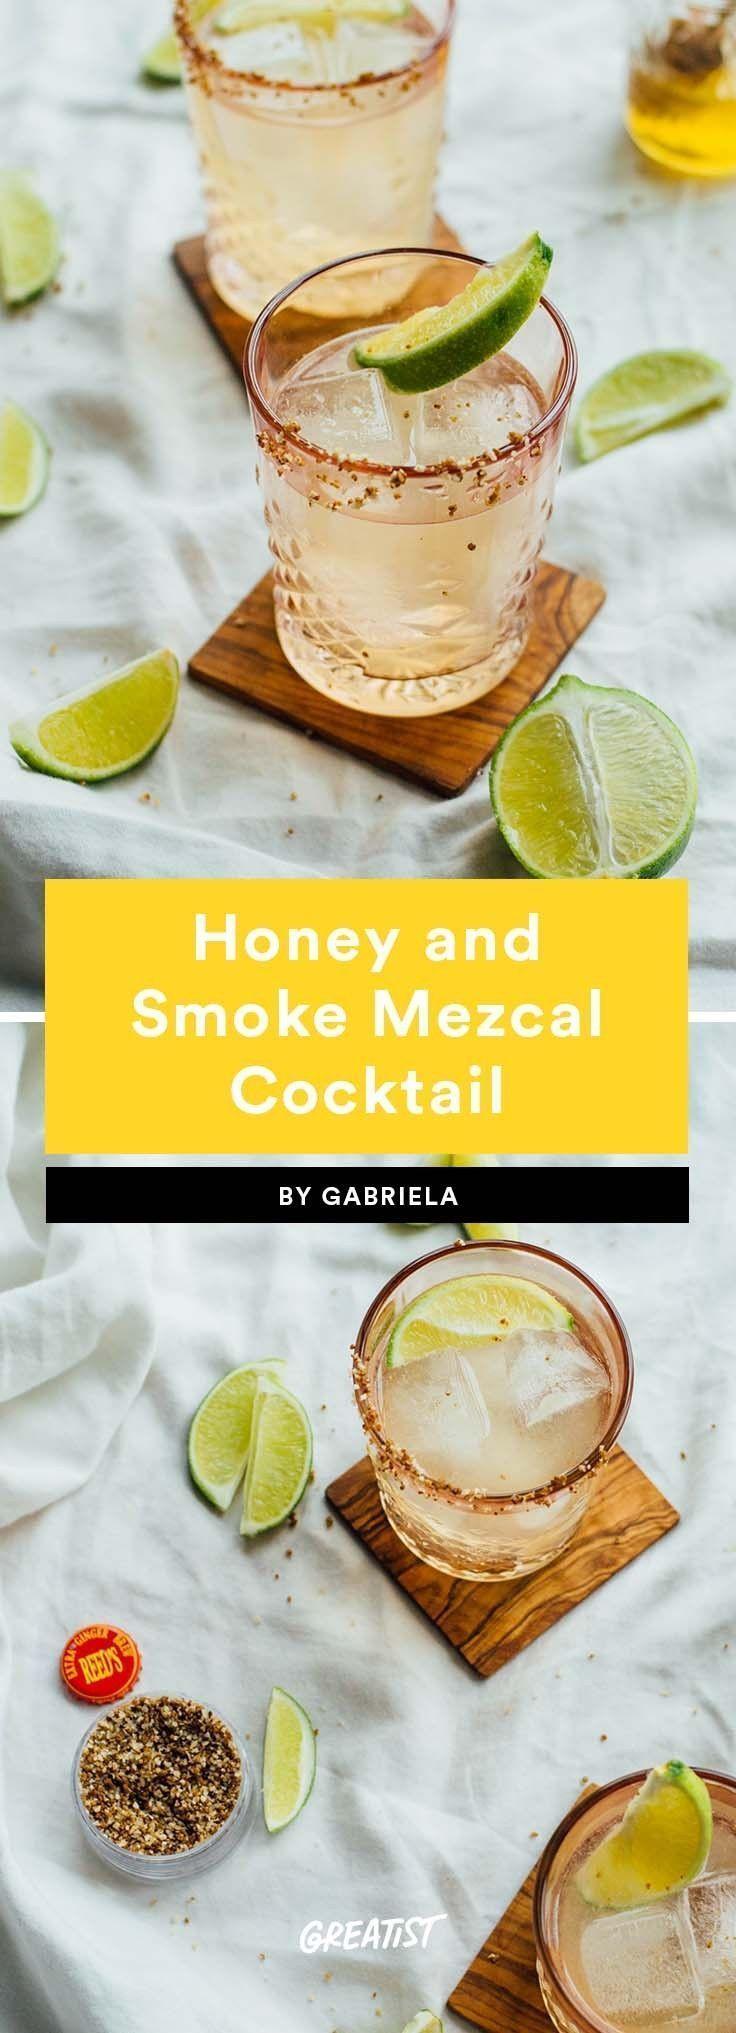 9 Mezcal-Cocktails für eine Pause vom Tequila   - drinks - #Drinks #Eine #für #MezcalCocktails #Pause #Tequila #vom #craftcocktailsrecipes 9 Mezcal-Cocktails für eine Pause vom Tequila   - drinks - #Drinks #Eine #für #MezcalCocktails #Pause #Tequila #vom #tequiladrinks 9 Mezcal-Cocktails für eine Pause vom Tequila   - drinks - #Drinks #Eine #für #MezcalCocktails #Pause #Tequila #vom #craftcocktailsrecipes 9 Mezcal-Cocktails für eine Pause vom Tequila   - drinks - #Drinks #Eine #für #Mezc